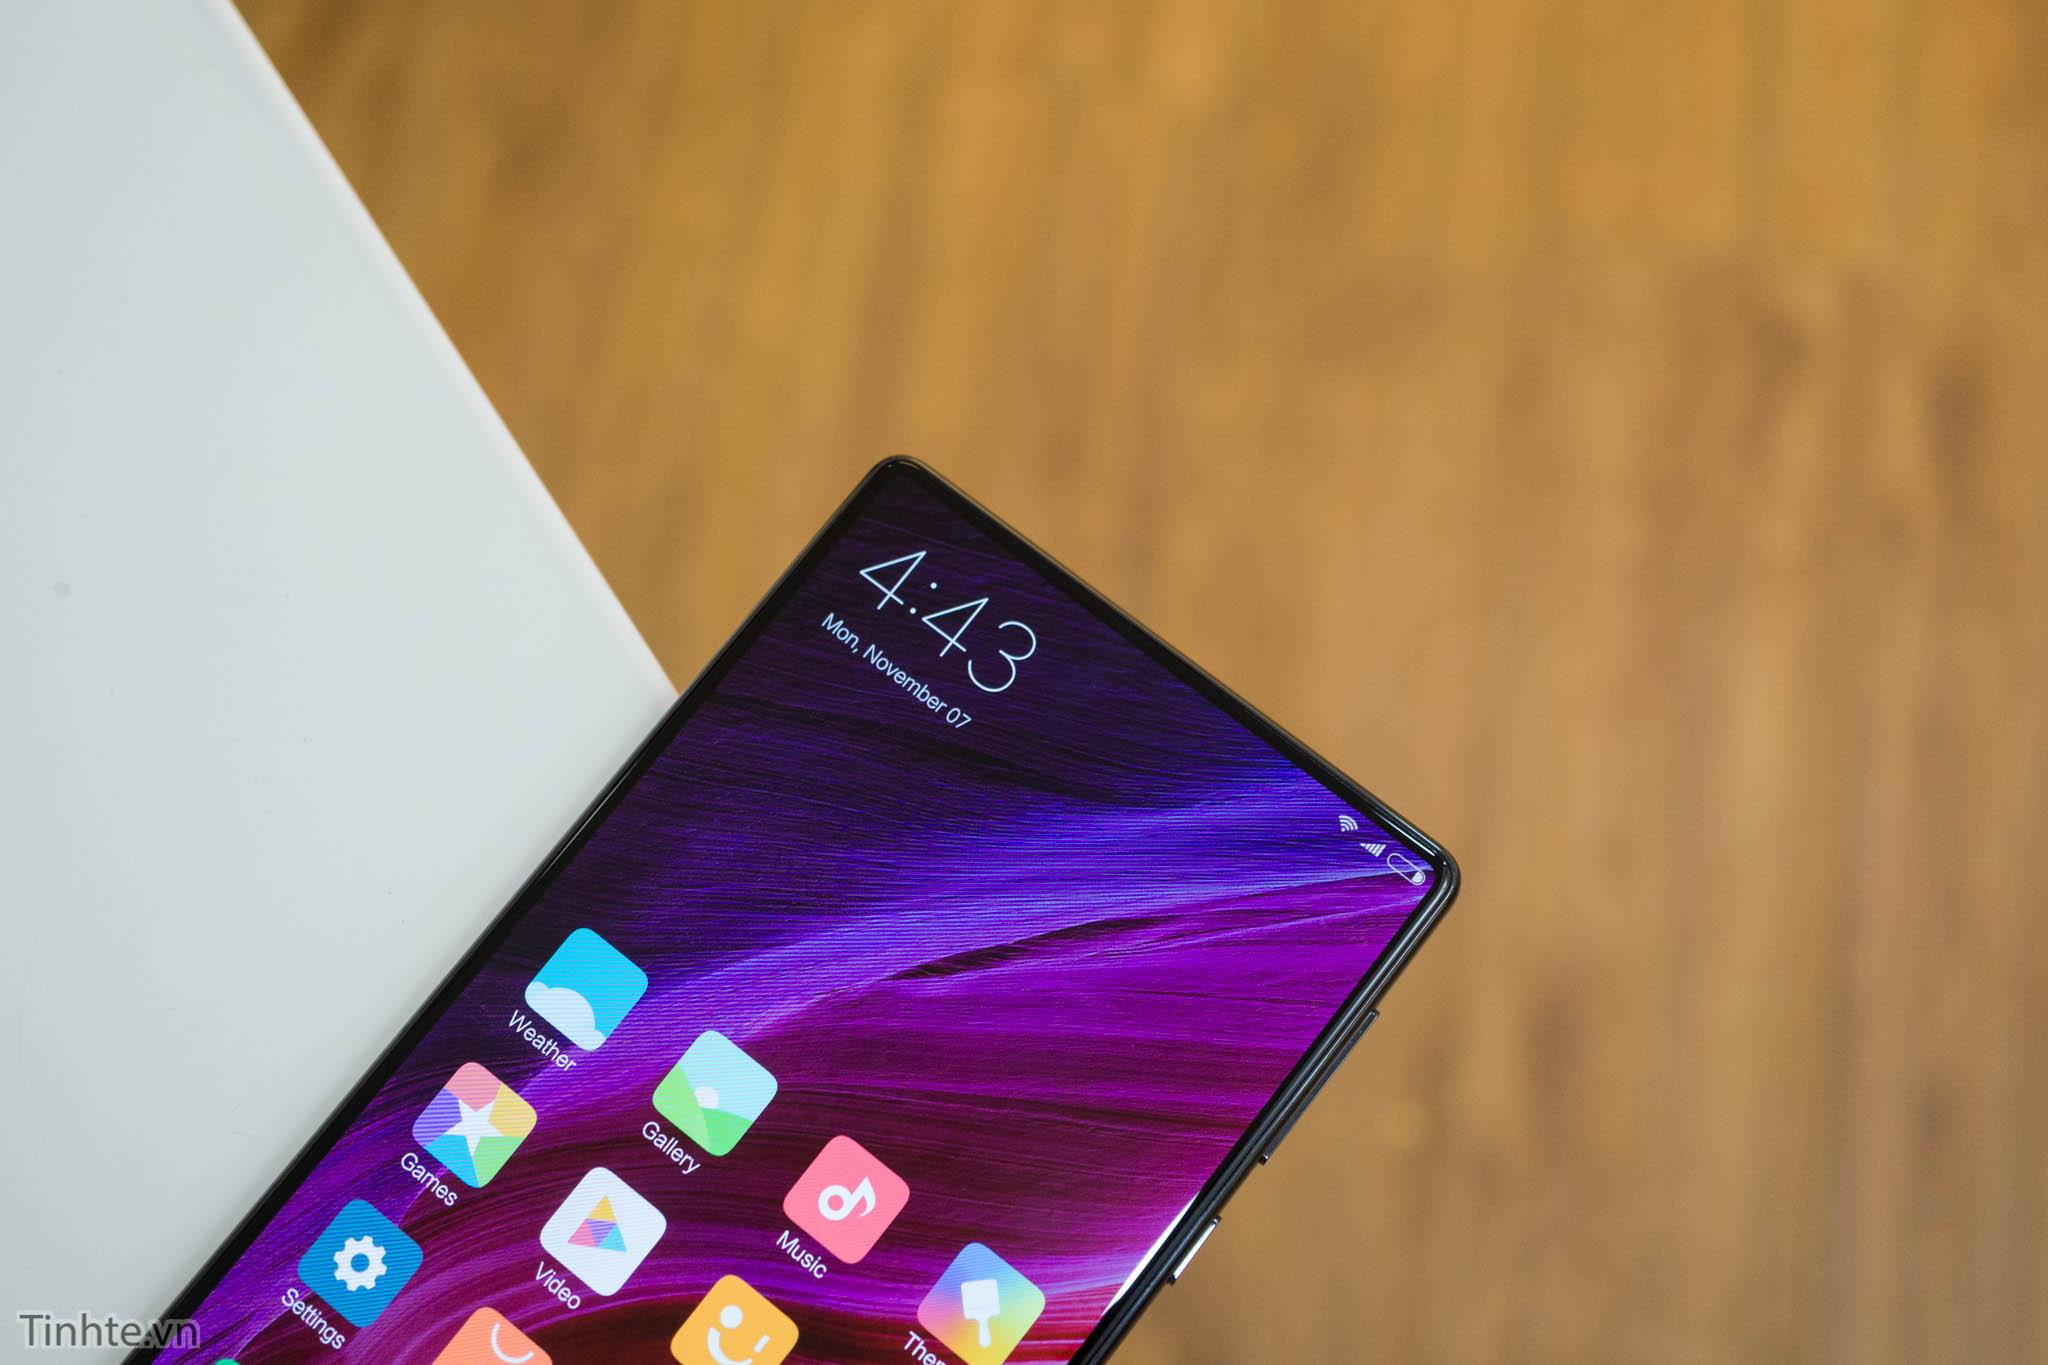 Trên tay Xiaomi Mi Mix: gốm, màn hình không viền, thiết kế tuyệt vời